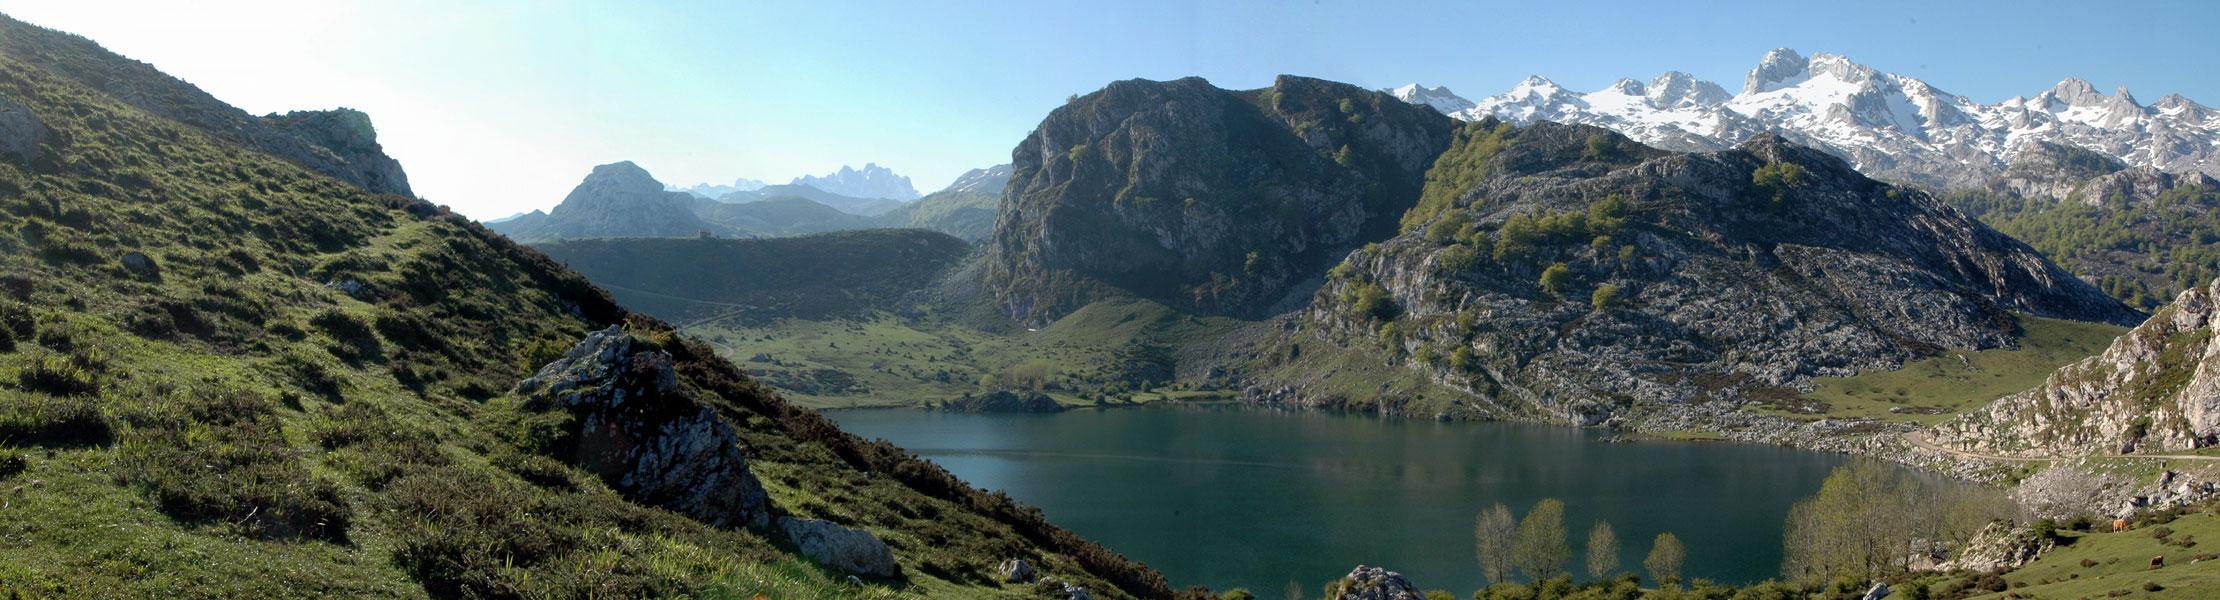 Panoramica lago enol covadonga cangas de onis asturias for Oficina turismo cangas de onis